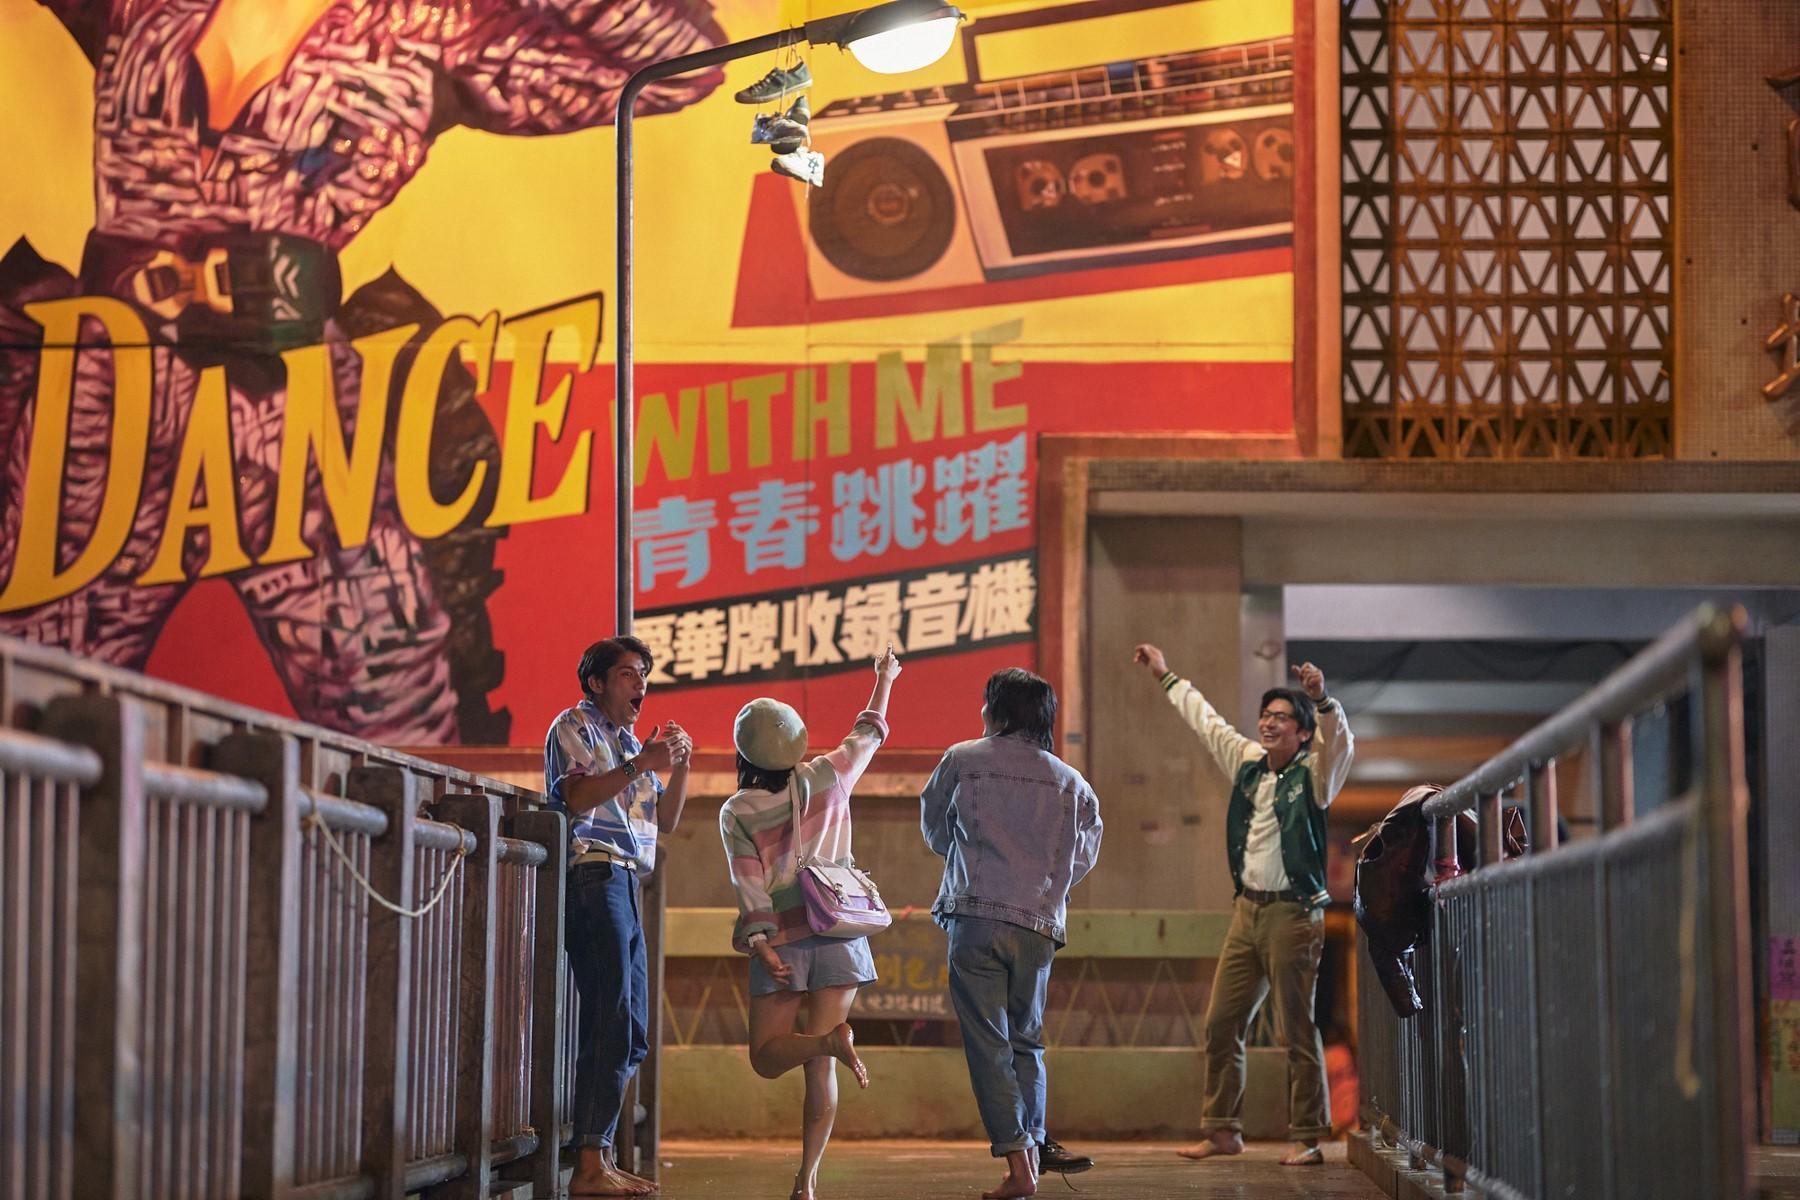 【天橋上的魔術師】正式預告發布 《寄生上流》奧斯卡名導視覺特效團隊台韓跨國打造